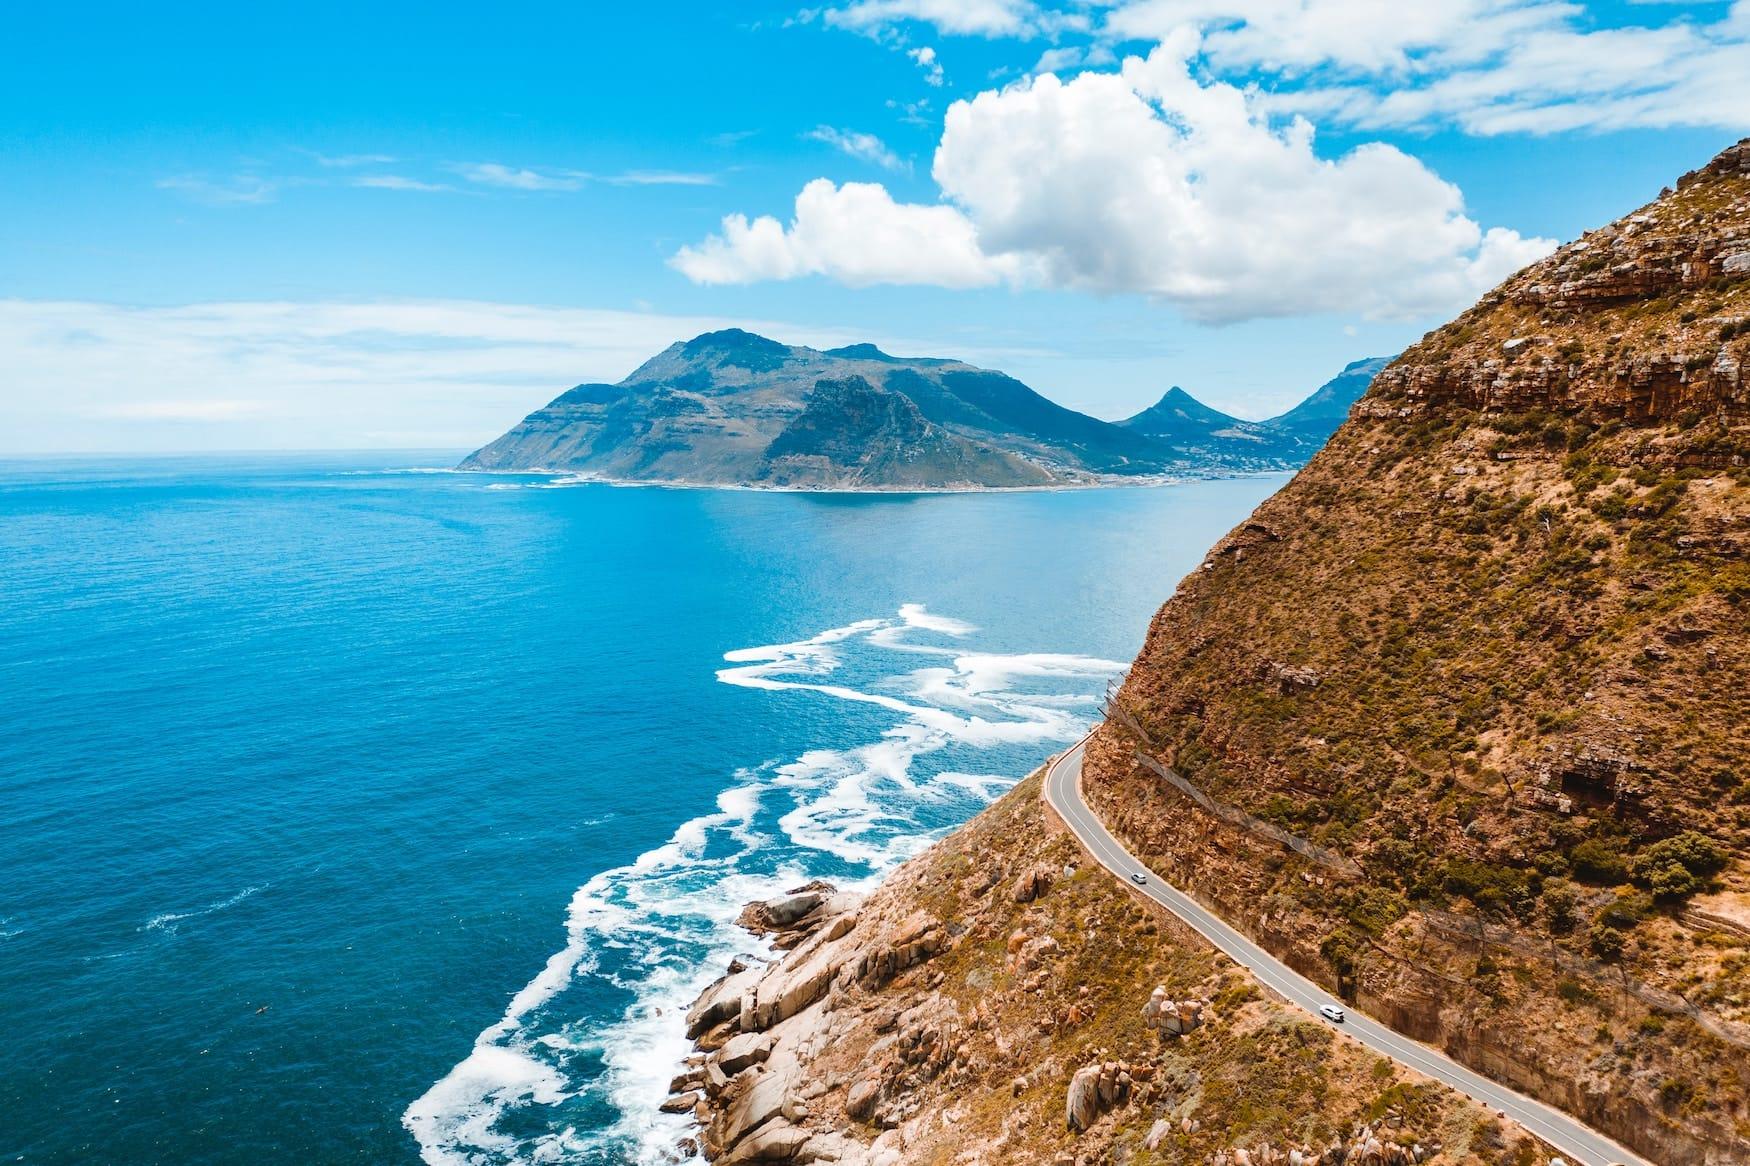 Küstenstraße in Kapstadt, Südafrika